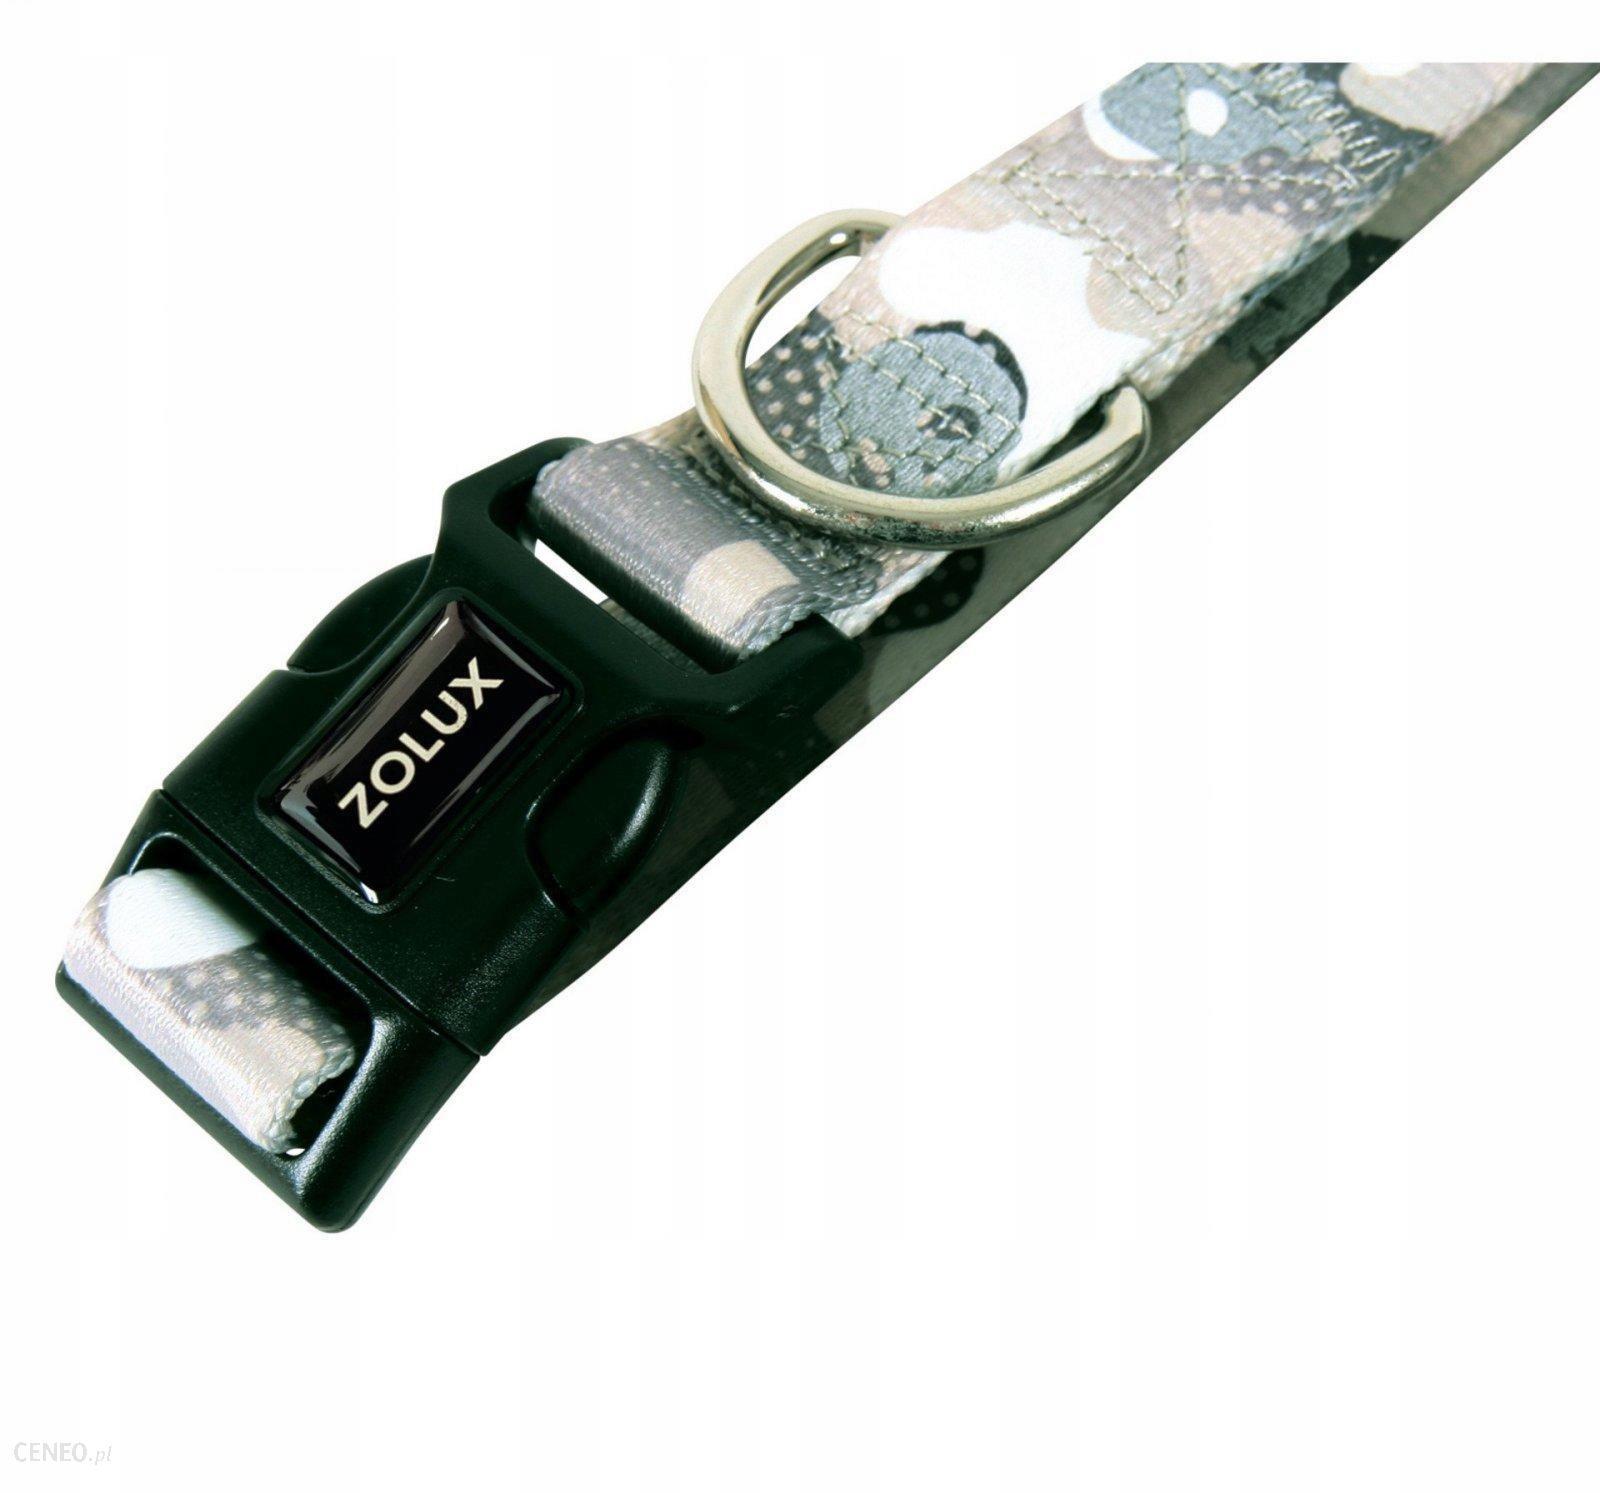 Zolux Obroża regul. Camo 25mm kol. szary